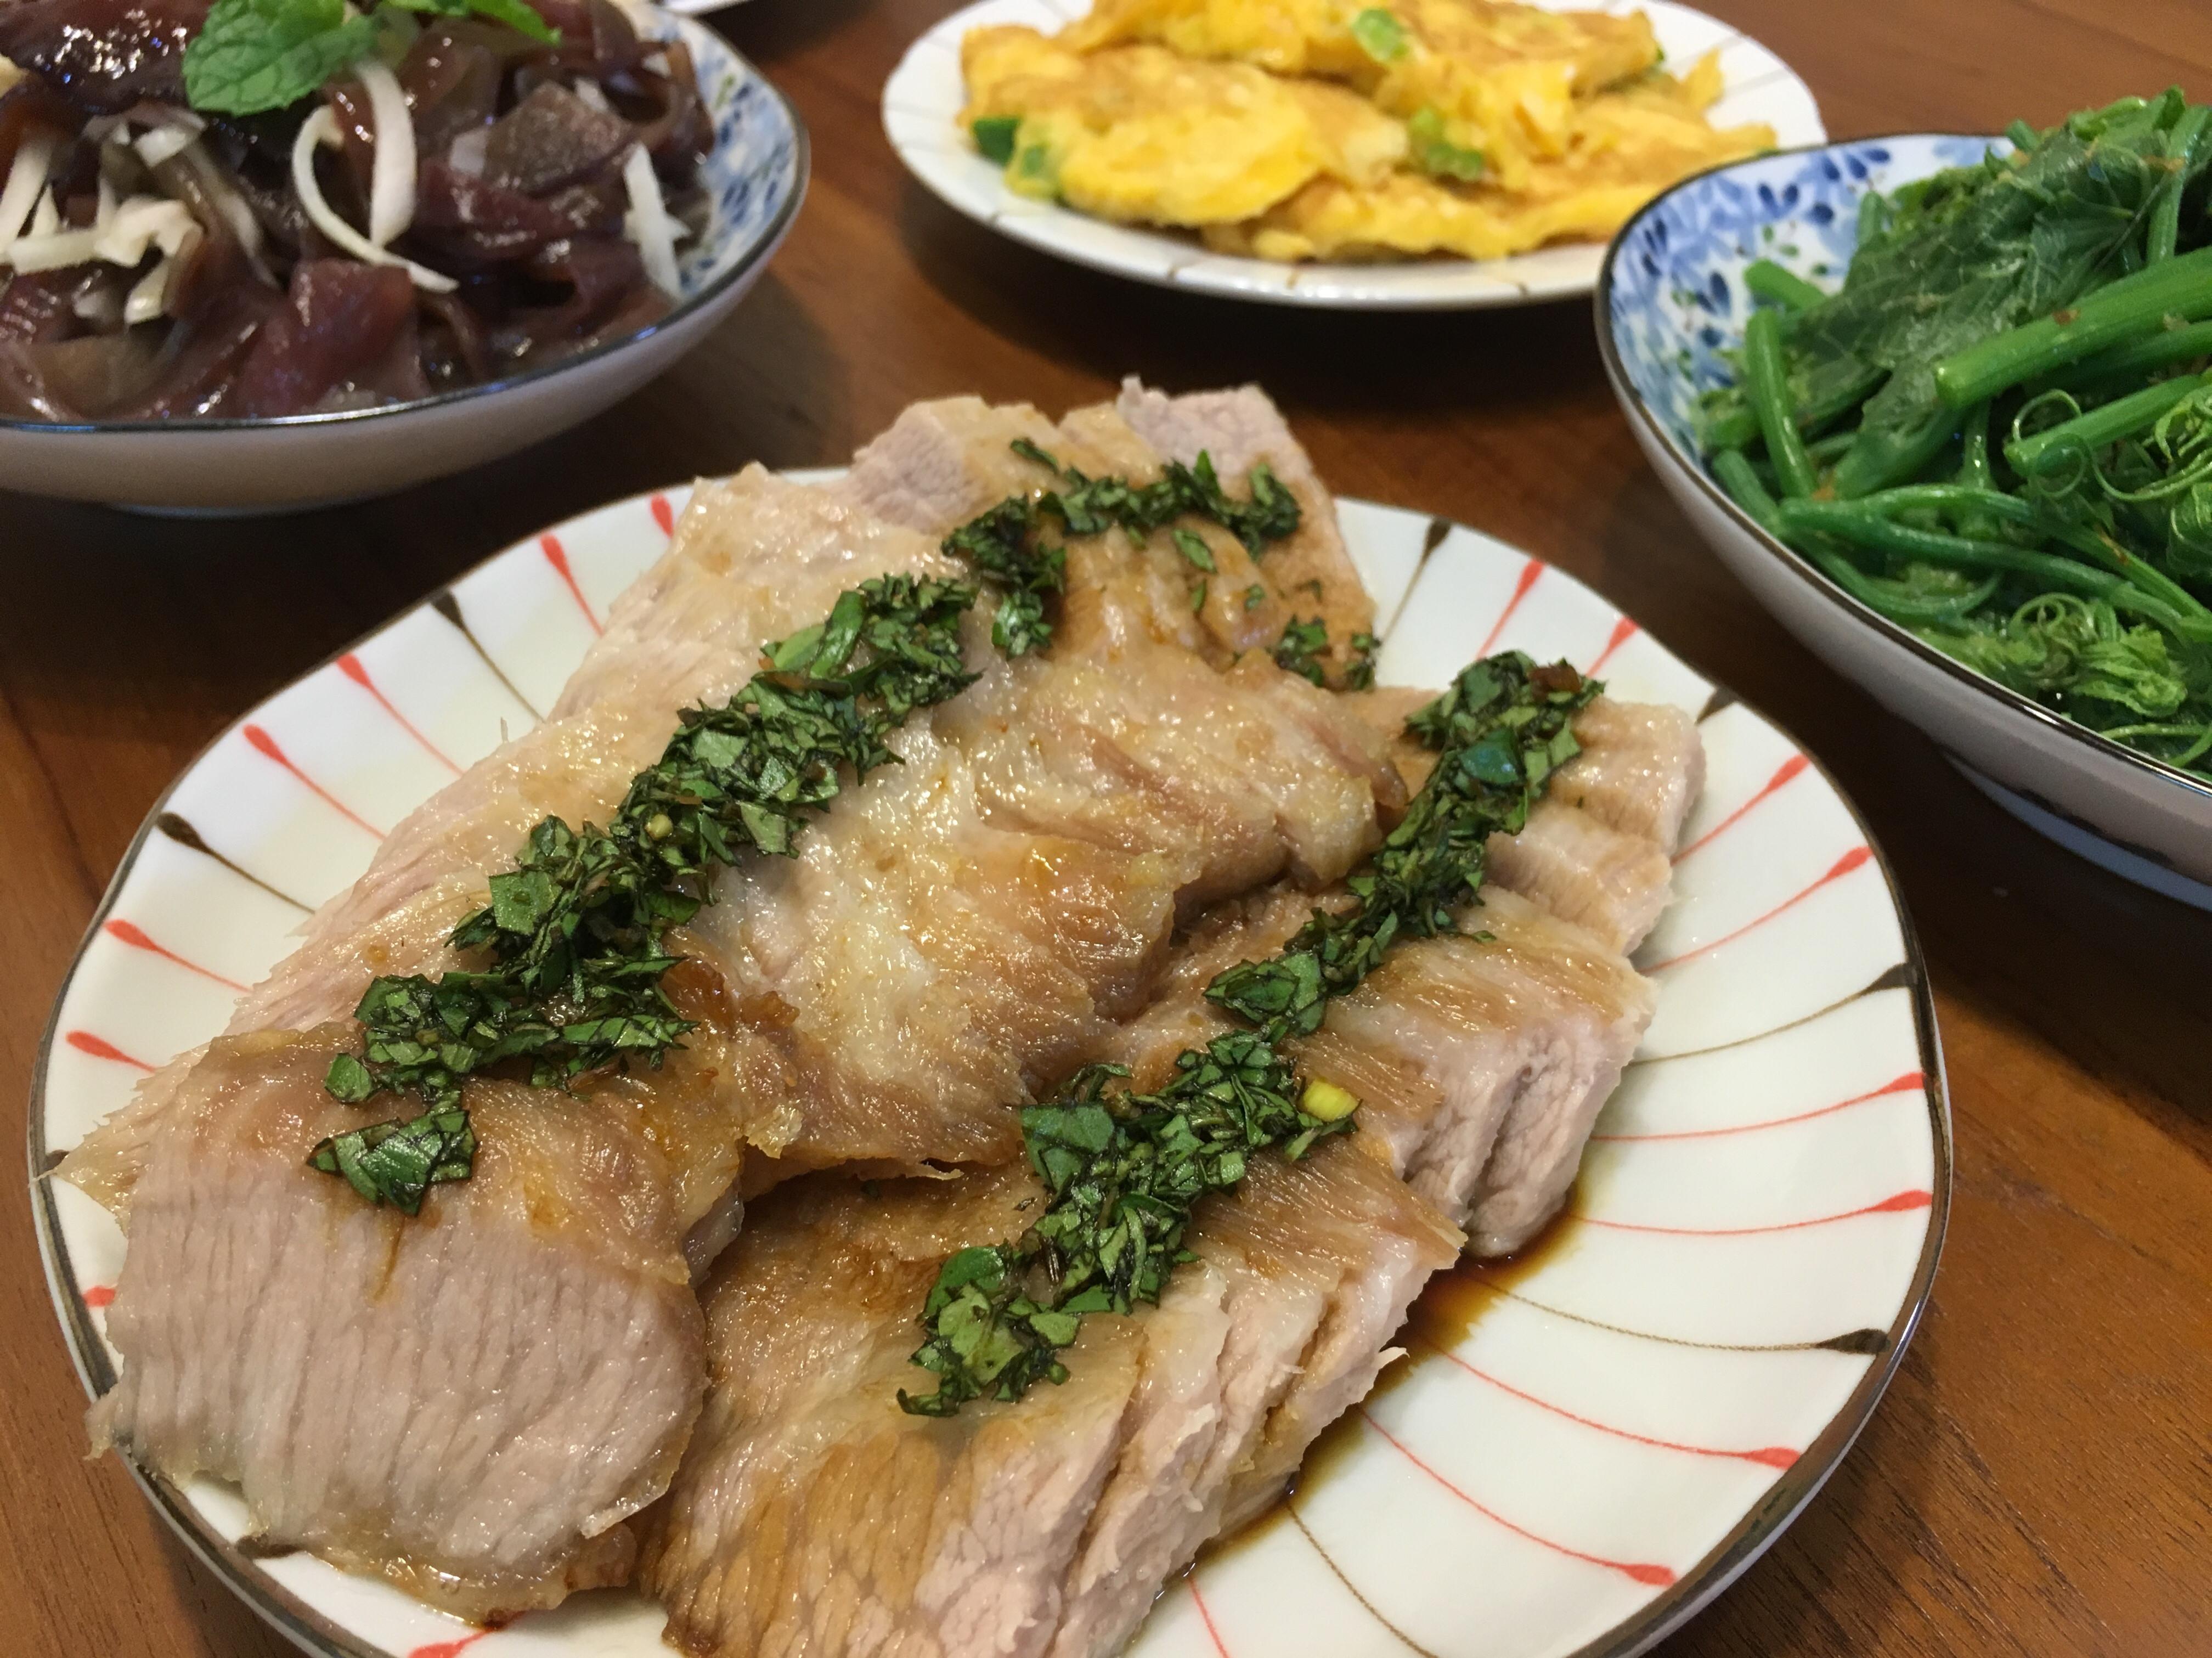 松阪豬佐九層塔醬汁(水波爐)